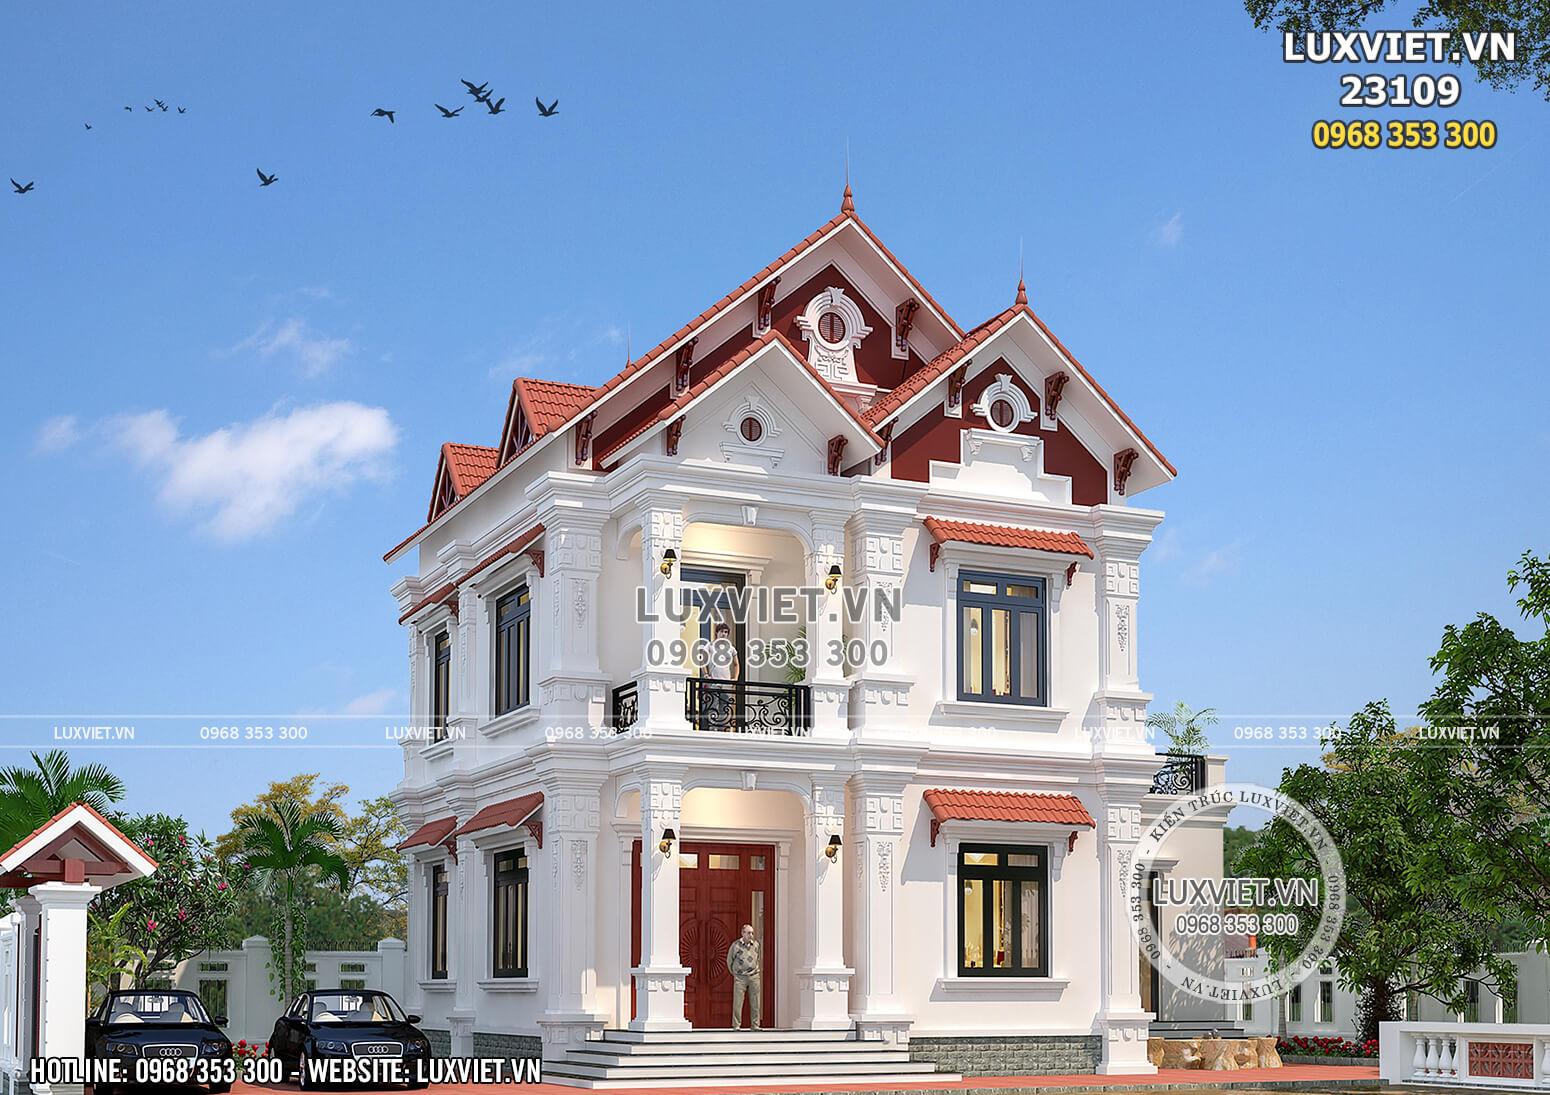 Mẫu nhà biệt thự 2 tầng mái thái tân cổ điển đẹp tại Hải Dương - LV 23109